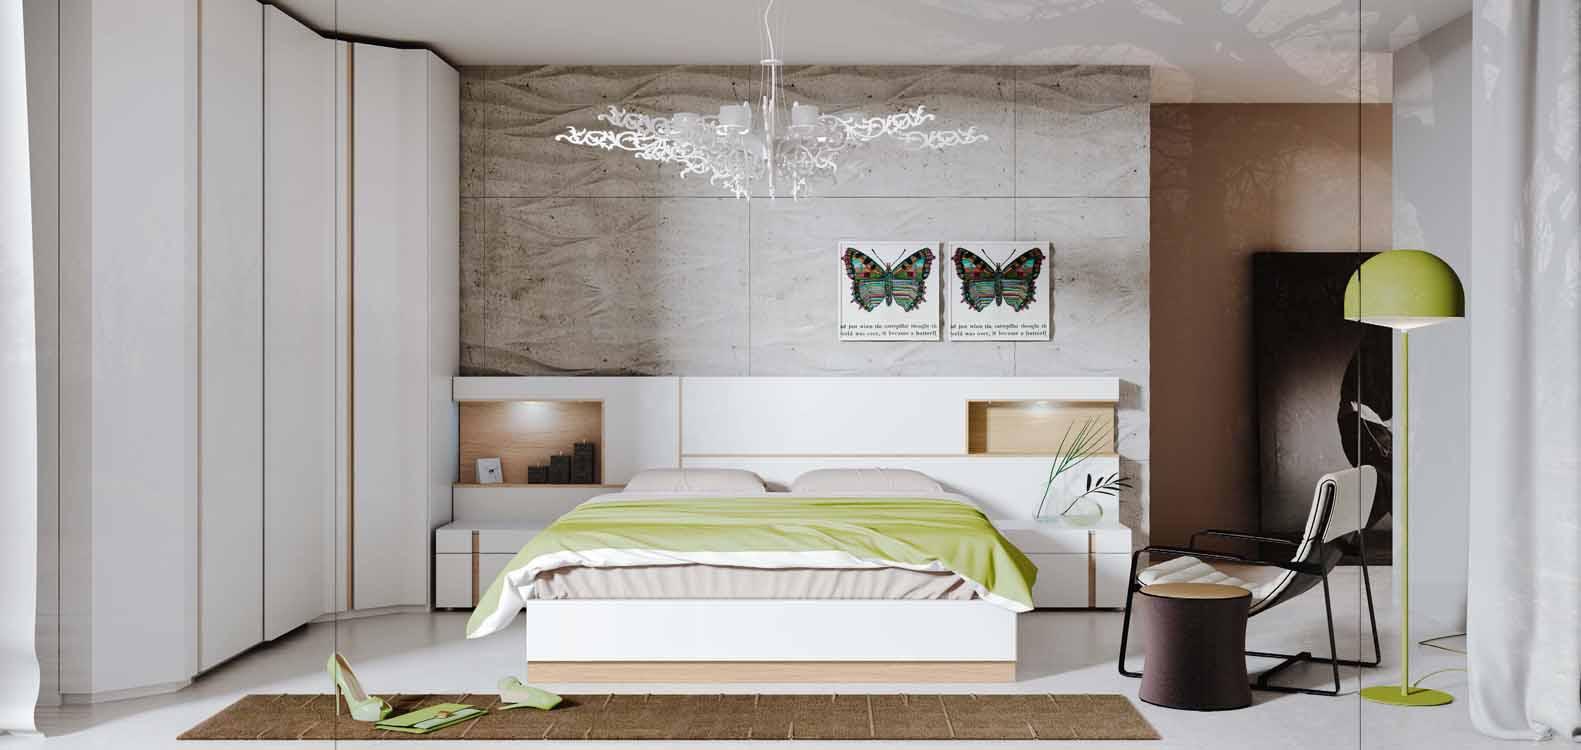 http://www.munozmuebles.net/nueva/catalogo/dormitorios-actuales.html - Como  comprar muebles para jóvenes